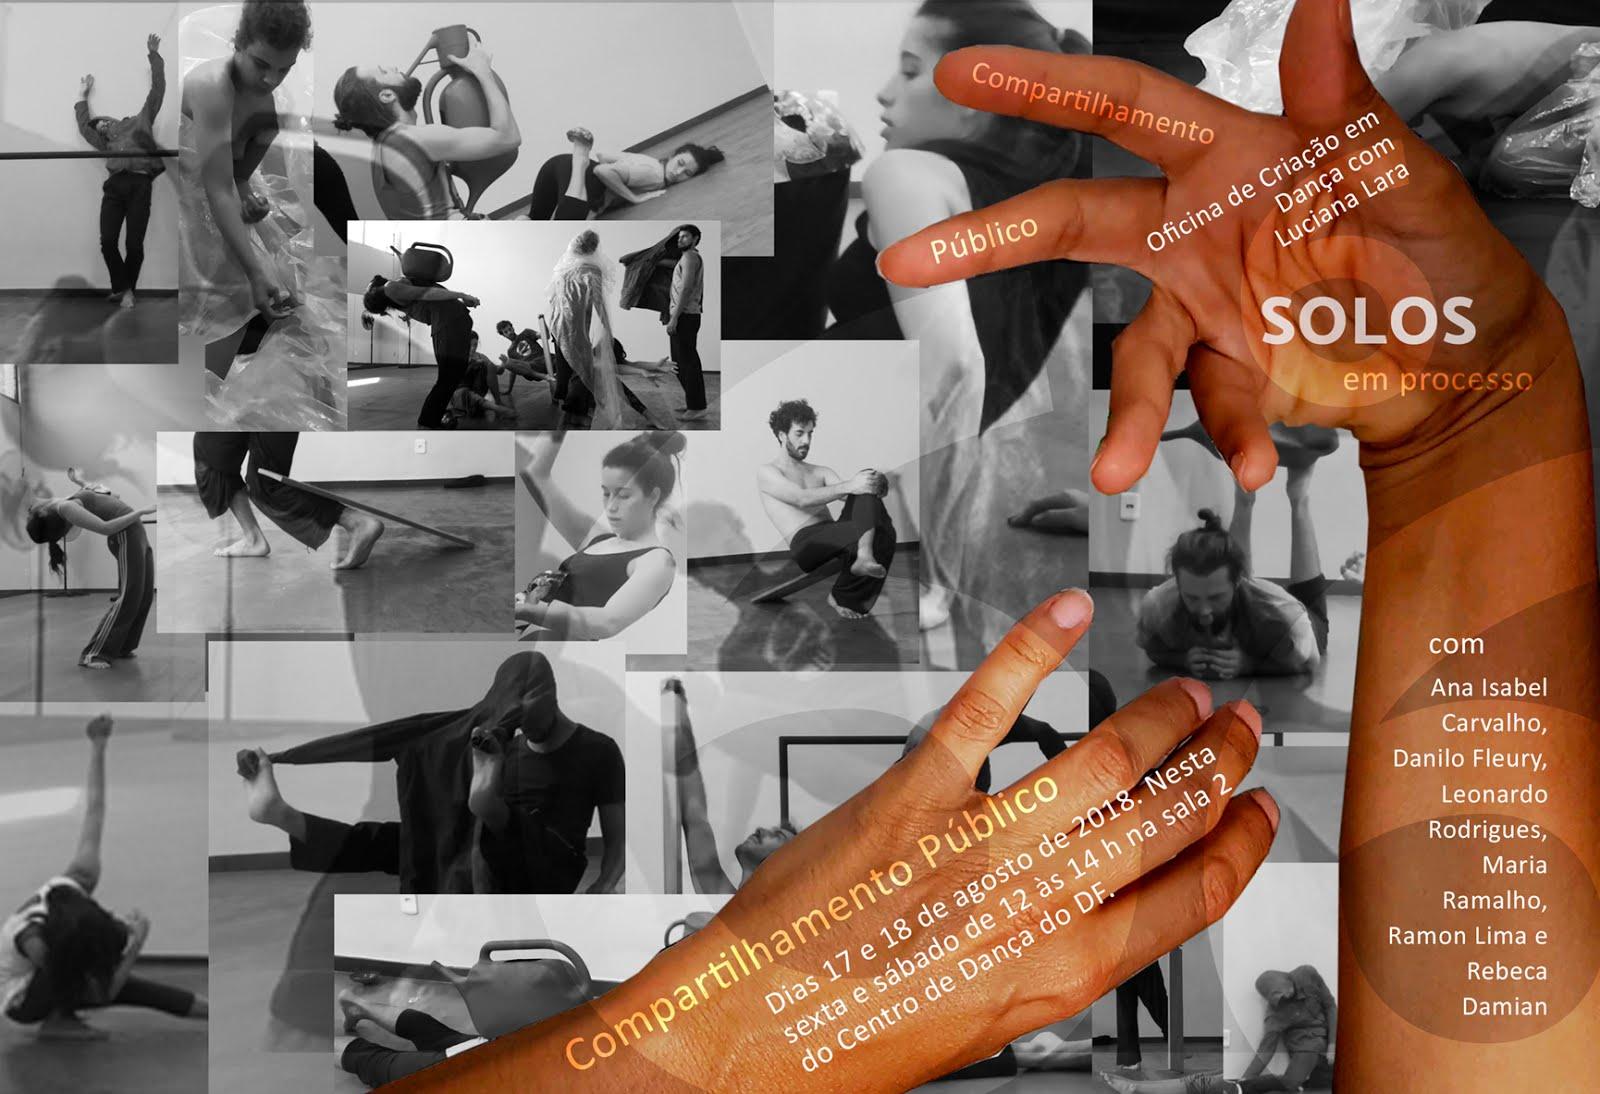 Compartilhamento público dos  solos em processo da Oficina de criação em dança com Luciana Lara